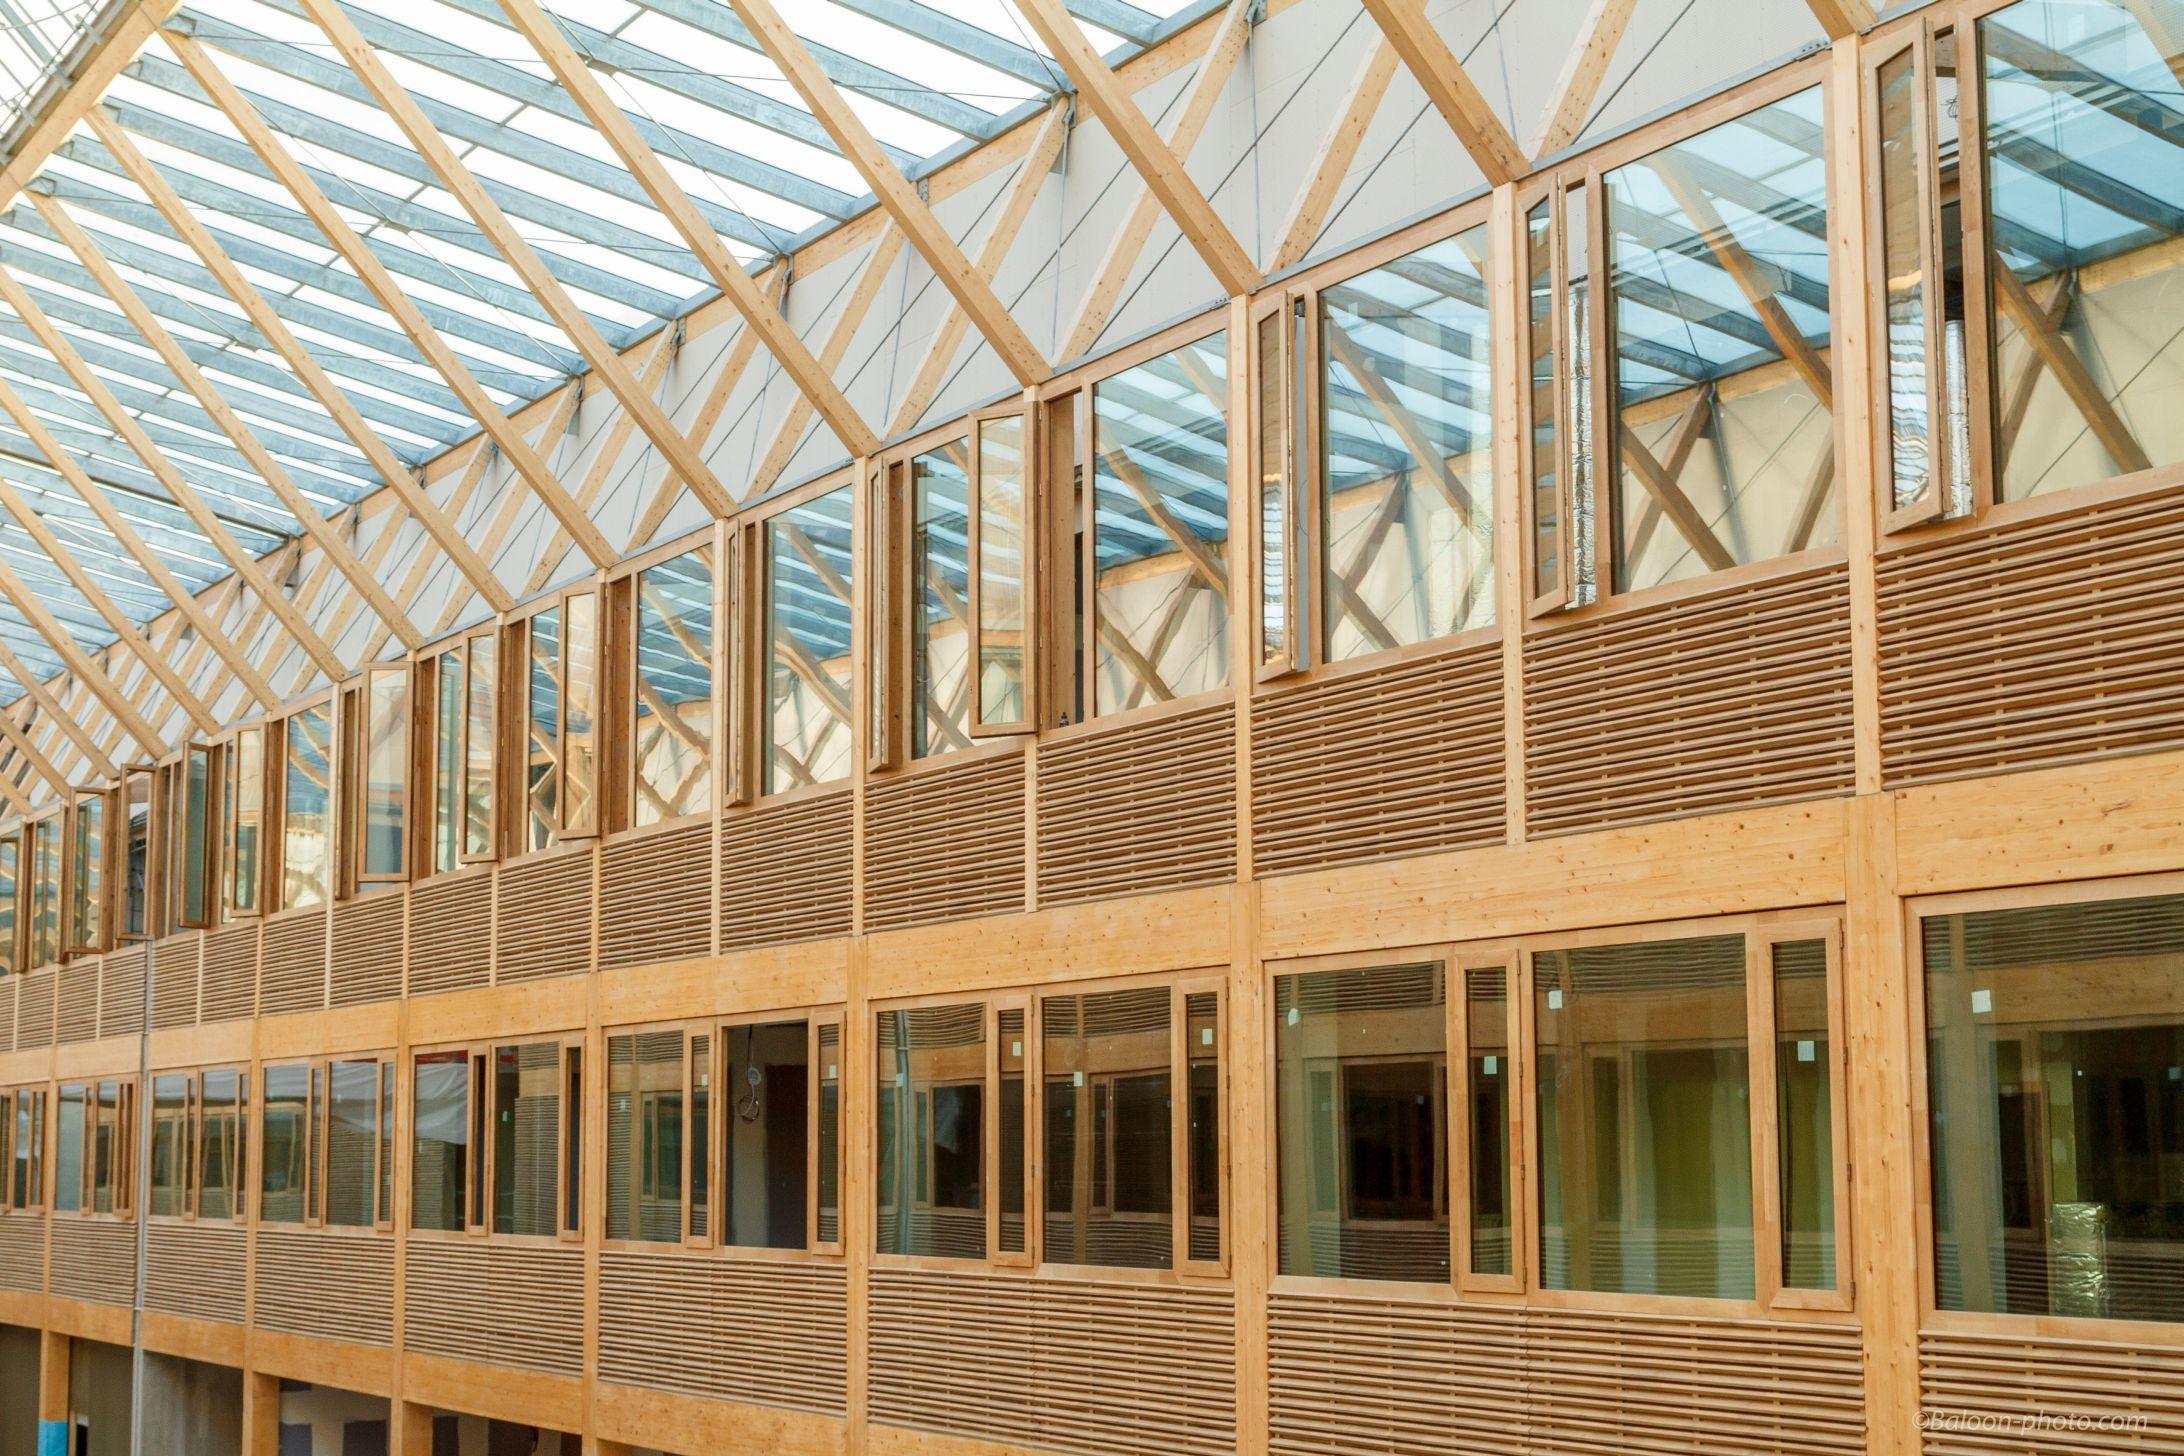 Prix national de la construction bois 2015 en d tail for Prix bois construction